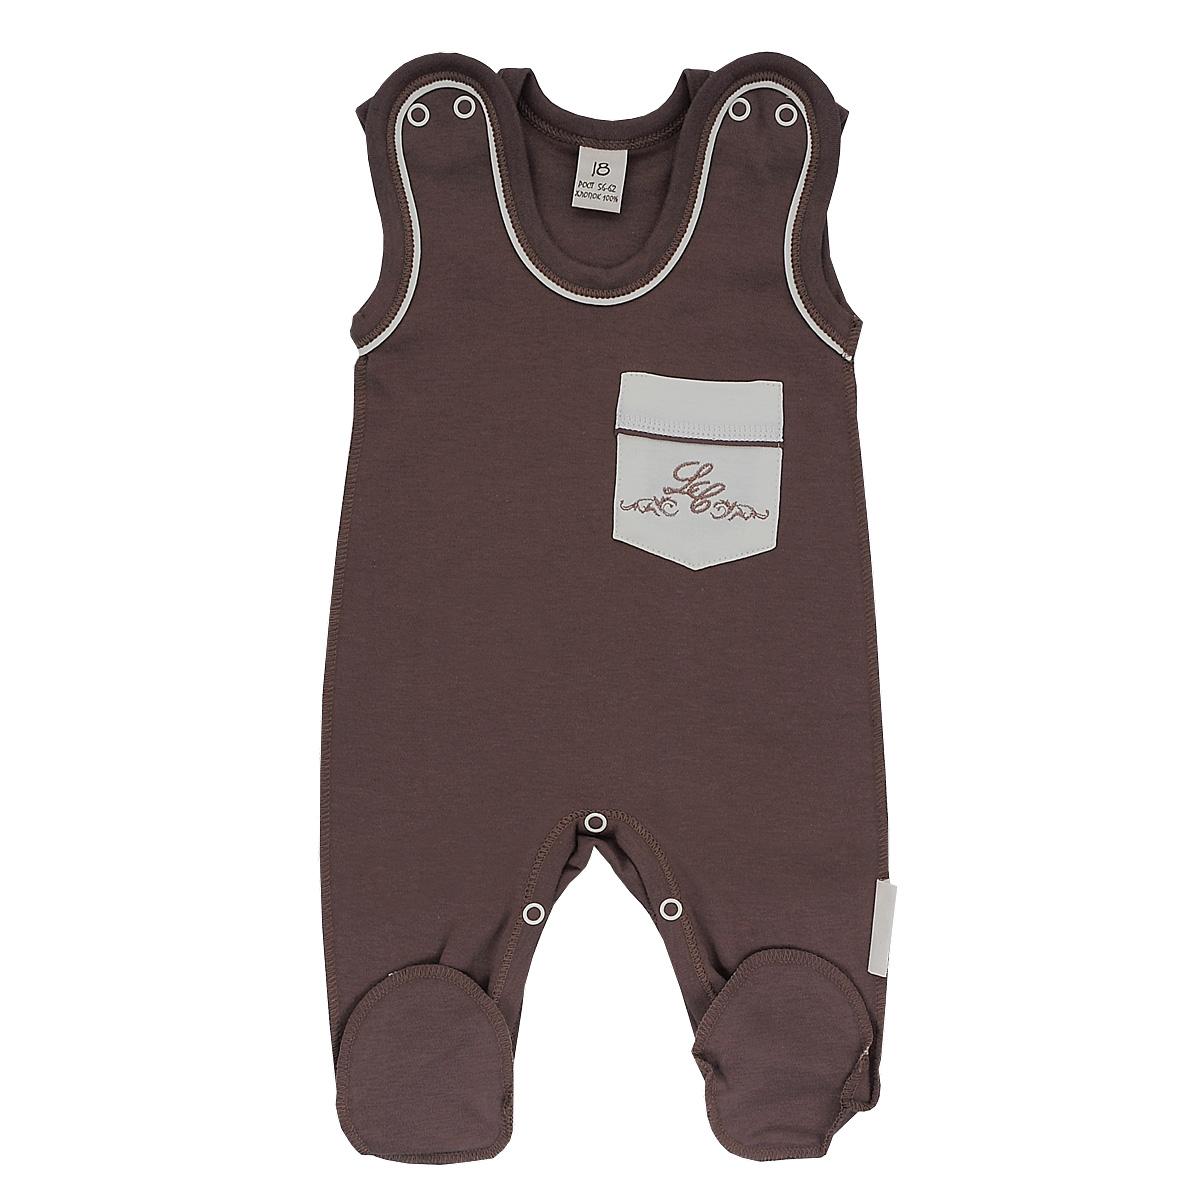 20-2Ползунки с грудкой для мальчика Lucky Child - очень удобный и практичный вид одежды для малышей. Они отлично сочетаются с футболками и кофточками. Ползунки выполнены из натурального хлопка, благодаря чему они необычайно мягкие и приятные на ощупь, не раздражают нежную кожу ребенка и хорошо вентилируются, а эластичные швы приятны телу малыша и не препятствуют его движениям. Ползунки с закрытыми ножками выполнены швами наружу и подходят для ношения с подгузником и без него. Кнопки на плечах и между ножек помогают легко и без труда переодеть кроху или поменять подгузник в течение дня. Спереди они дополнены накладным кармашком, оформленным вышивкой. Ползунки с грудкой полностью соответствуют особенностям жизни малыша в ранний период, не стесняя и не ограничивая его в движениях!